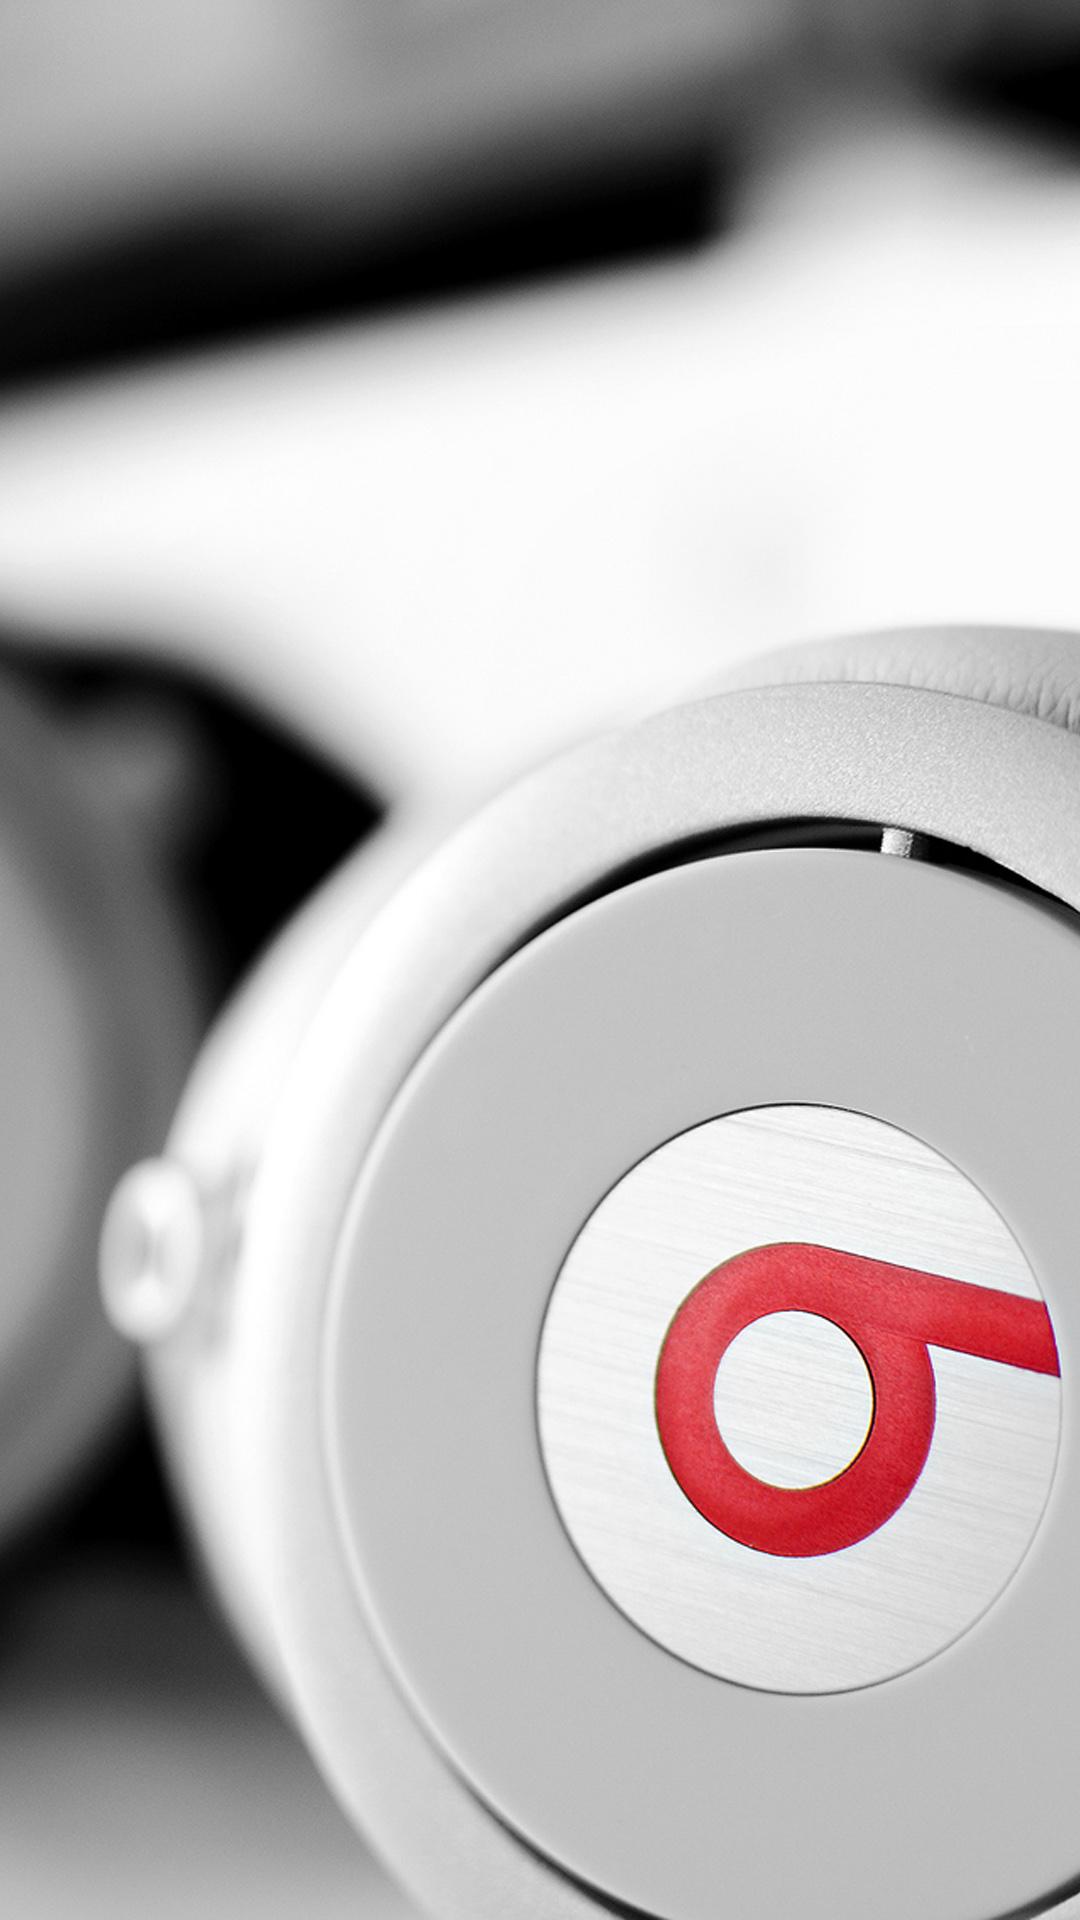 """""""Đổi gió"""" cho PC và smartphone với bộ hình nền tai nghe này!"""